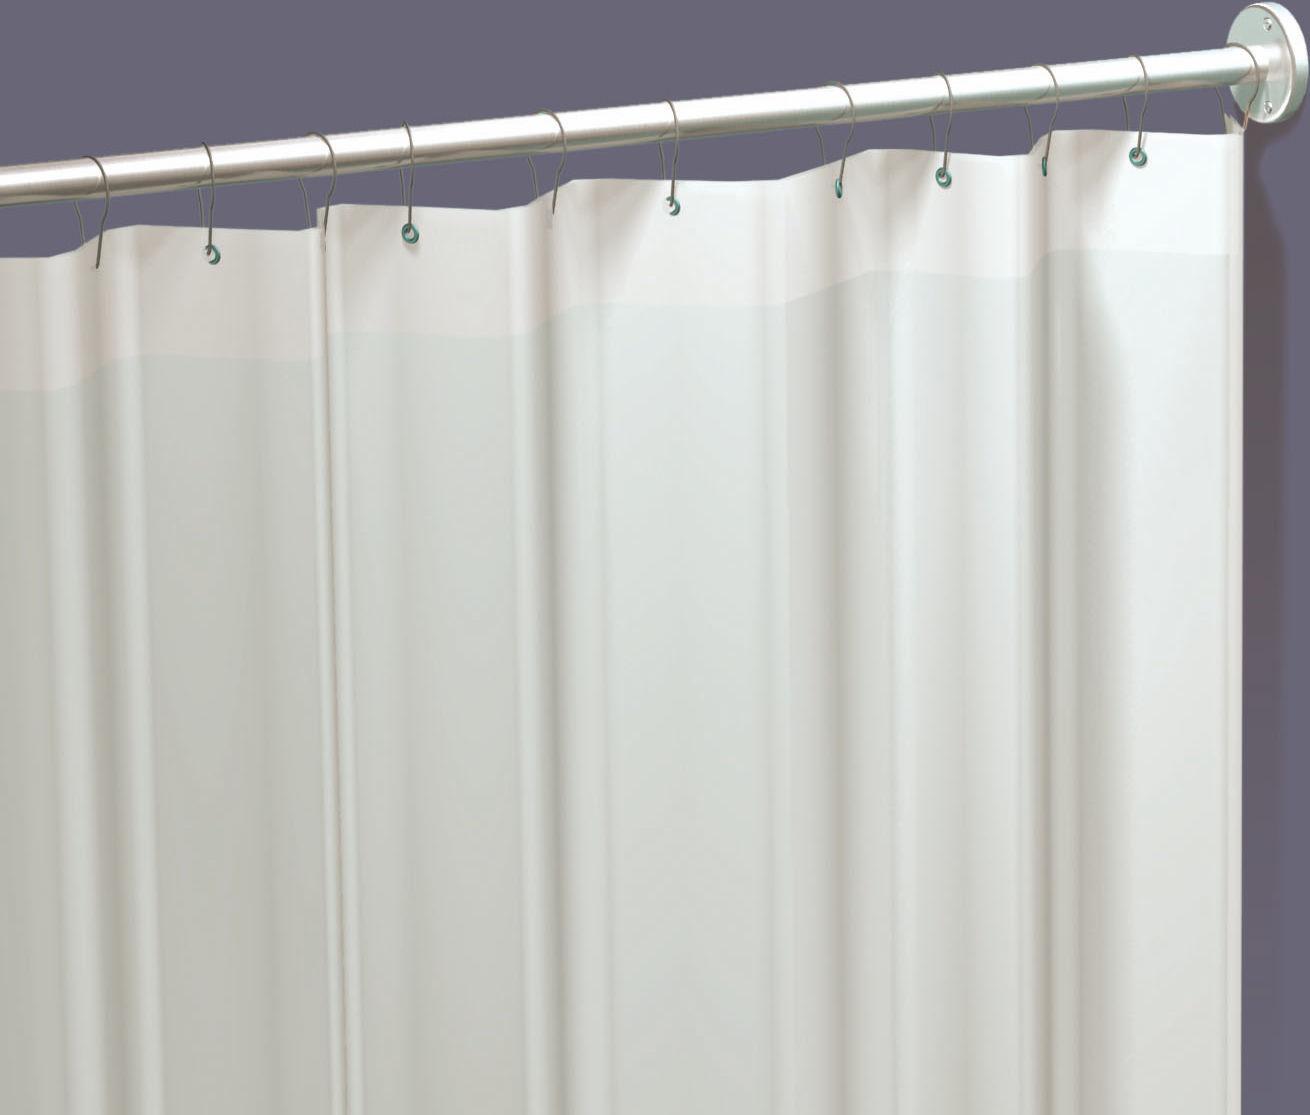 Vandal Resistant Lighting Fixtures